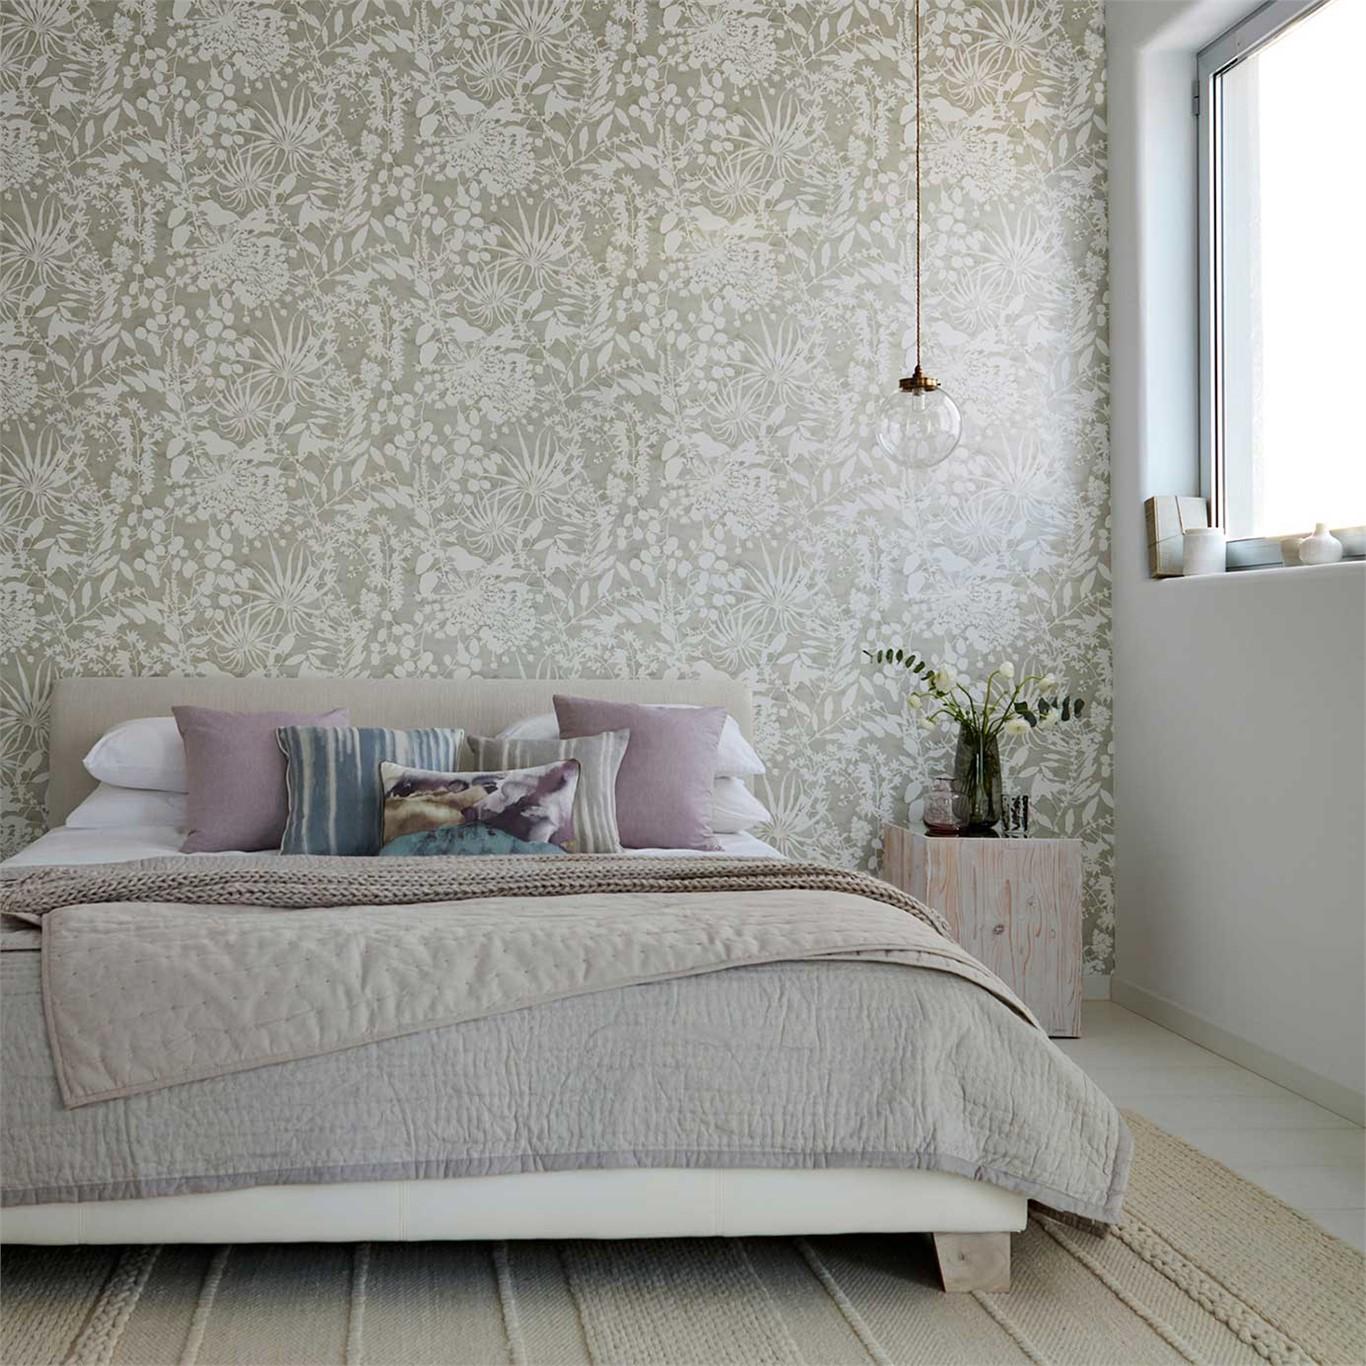 Papel pintado para cabecero cama vinilo adhesivo cabecero de cama de hierro with papel pintado - Papel pintado adhesivo ...